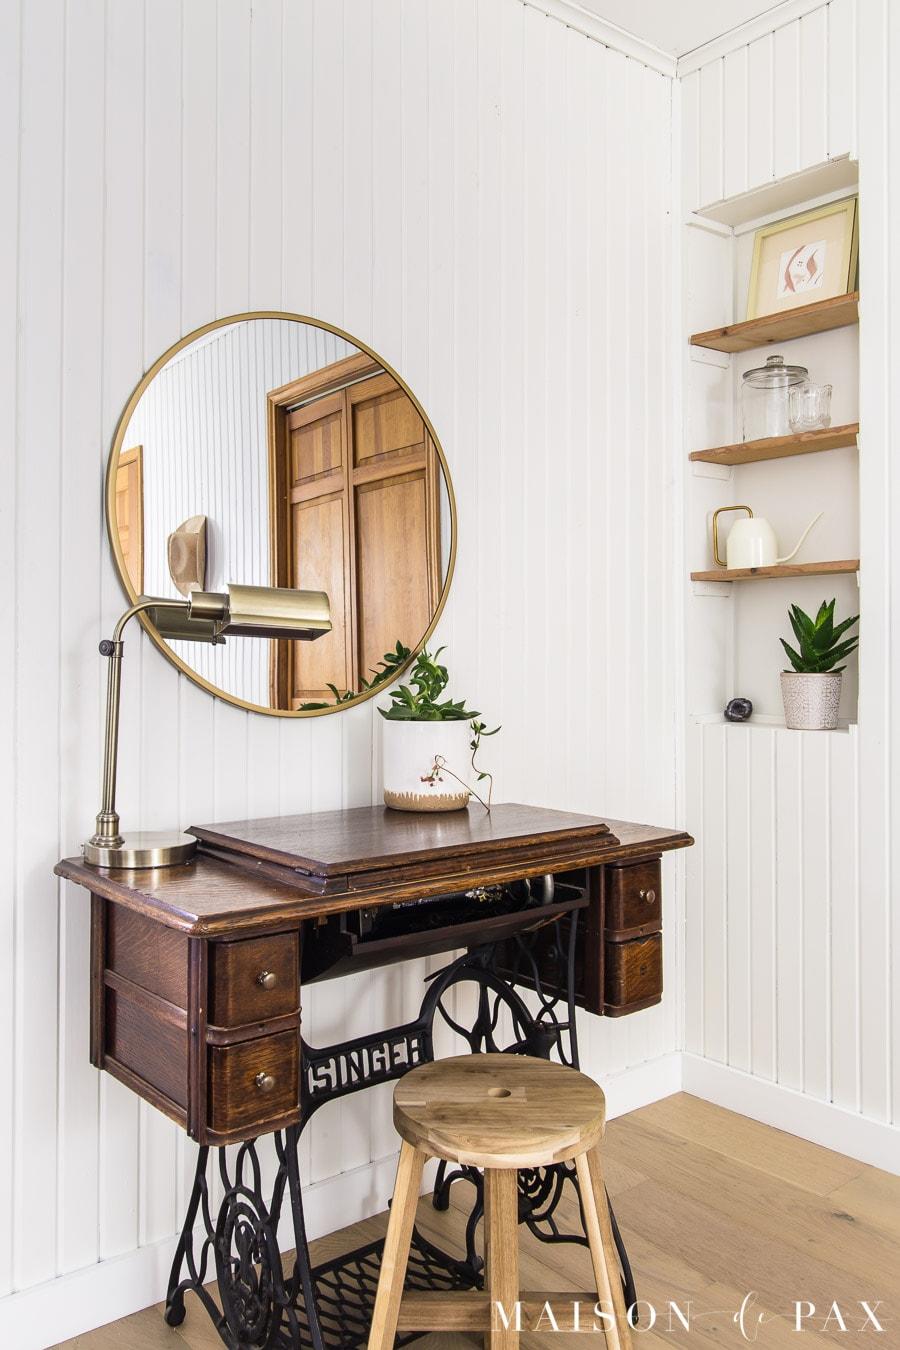 antique sewing machine with modern brass mirror above | Maison de Pax